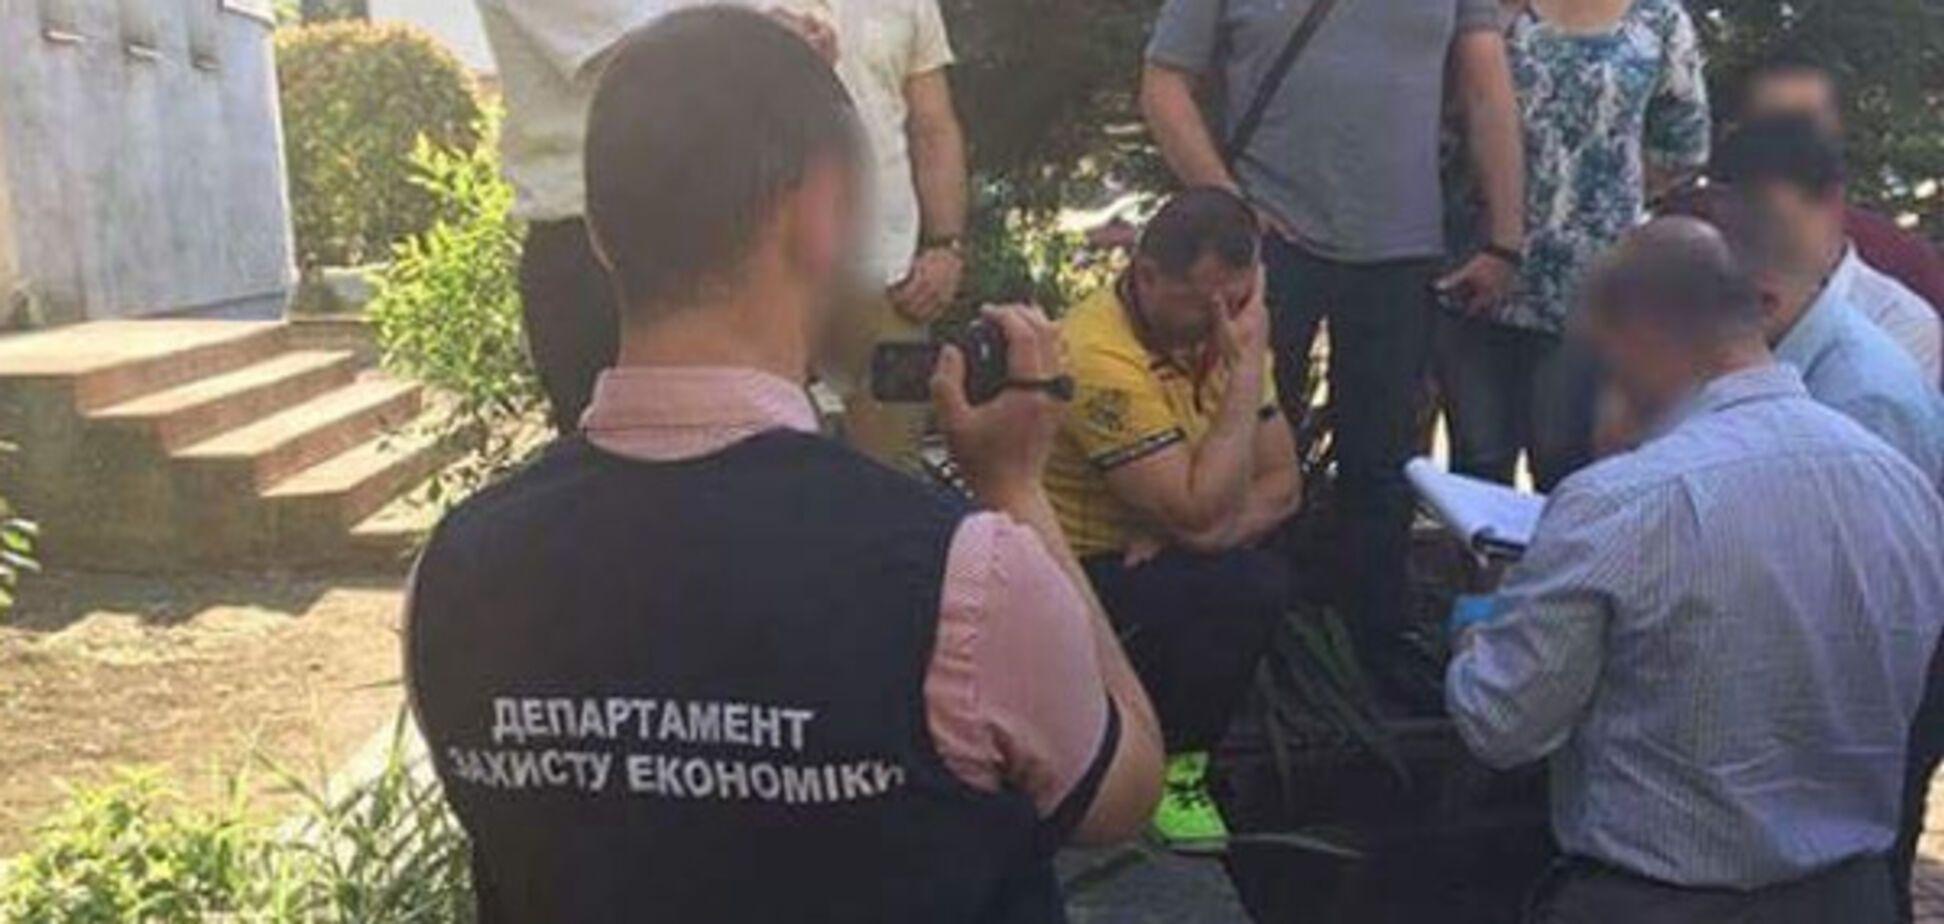 Мэр города на Закарпатье попался на взятке: появились фото